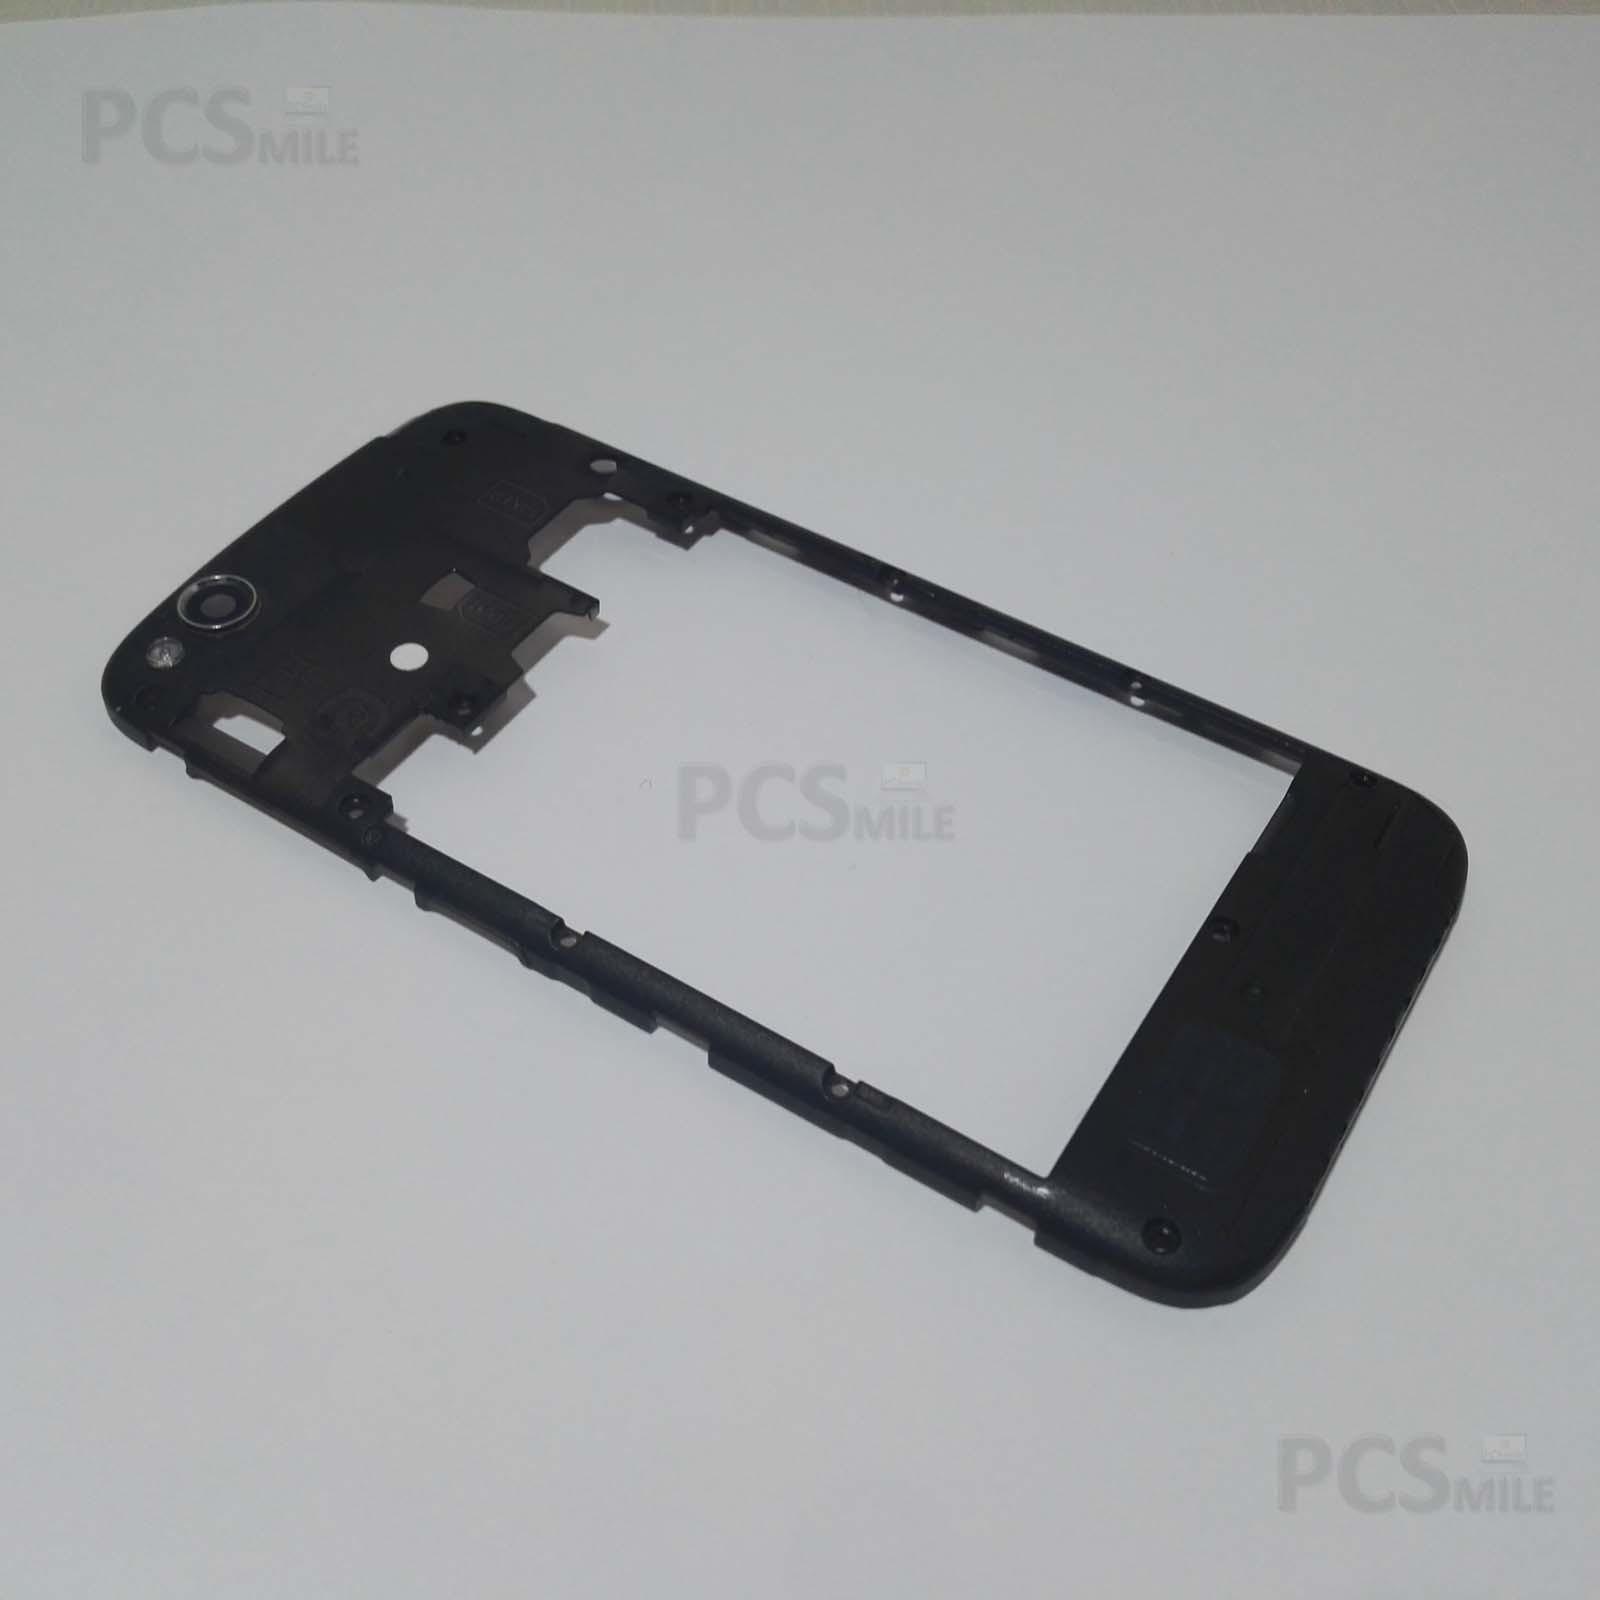 Scocca posteriore NGM Forward Prime Vetrino fotocamera vano batteria back cover